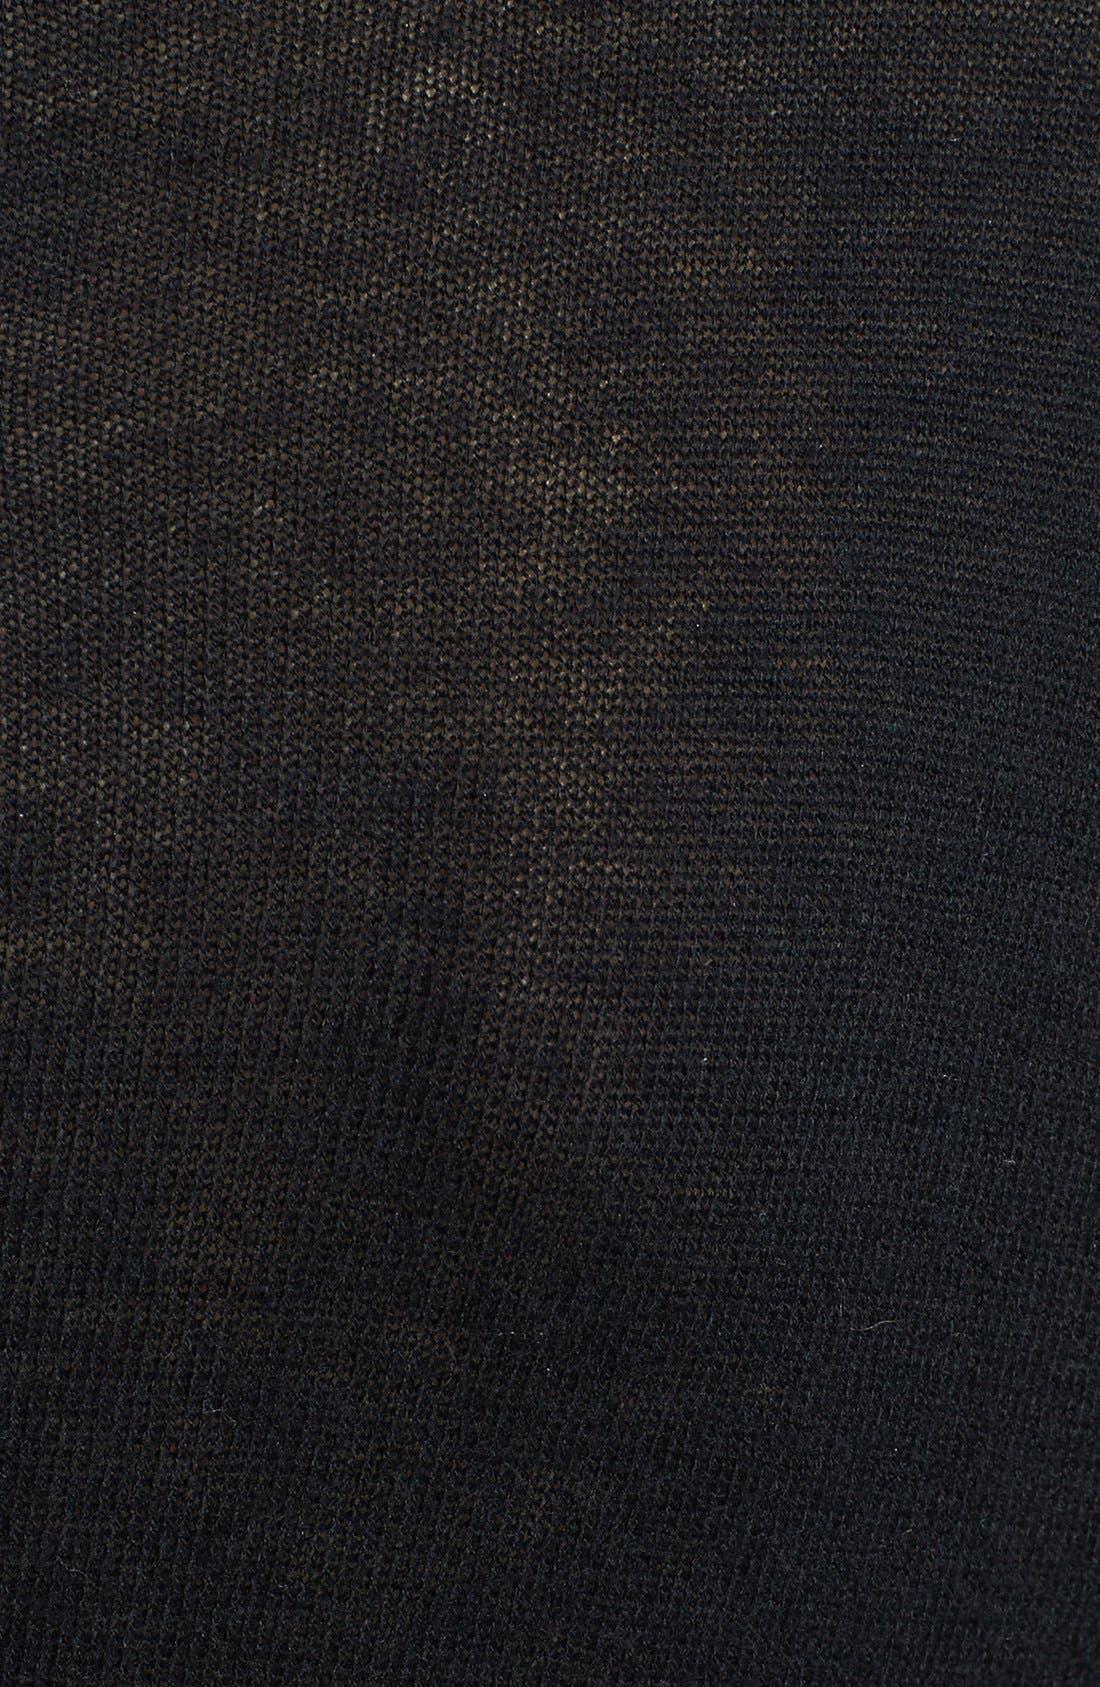 Alternate Image 3  - kensie 'Skull' Fine Gauge Sweater